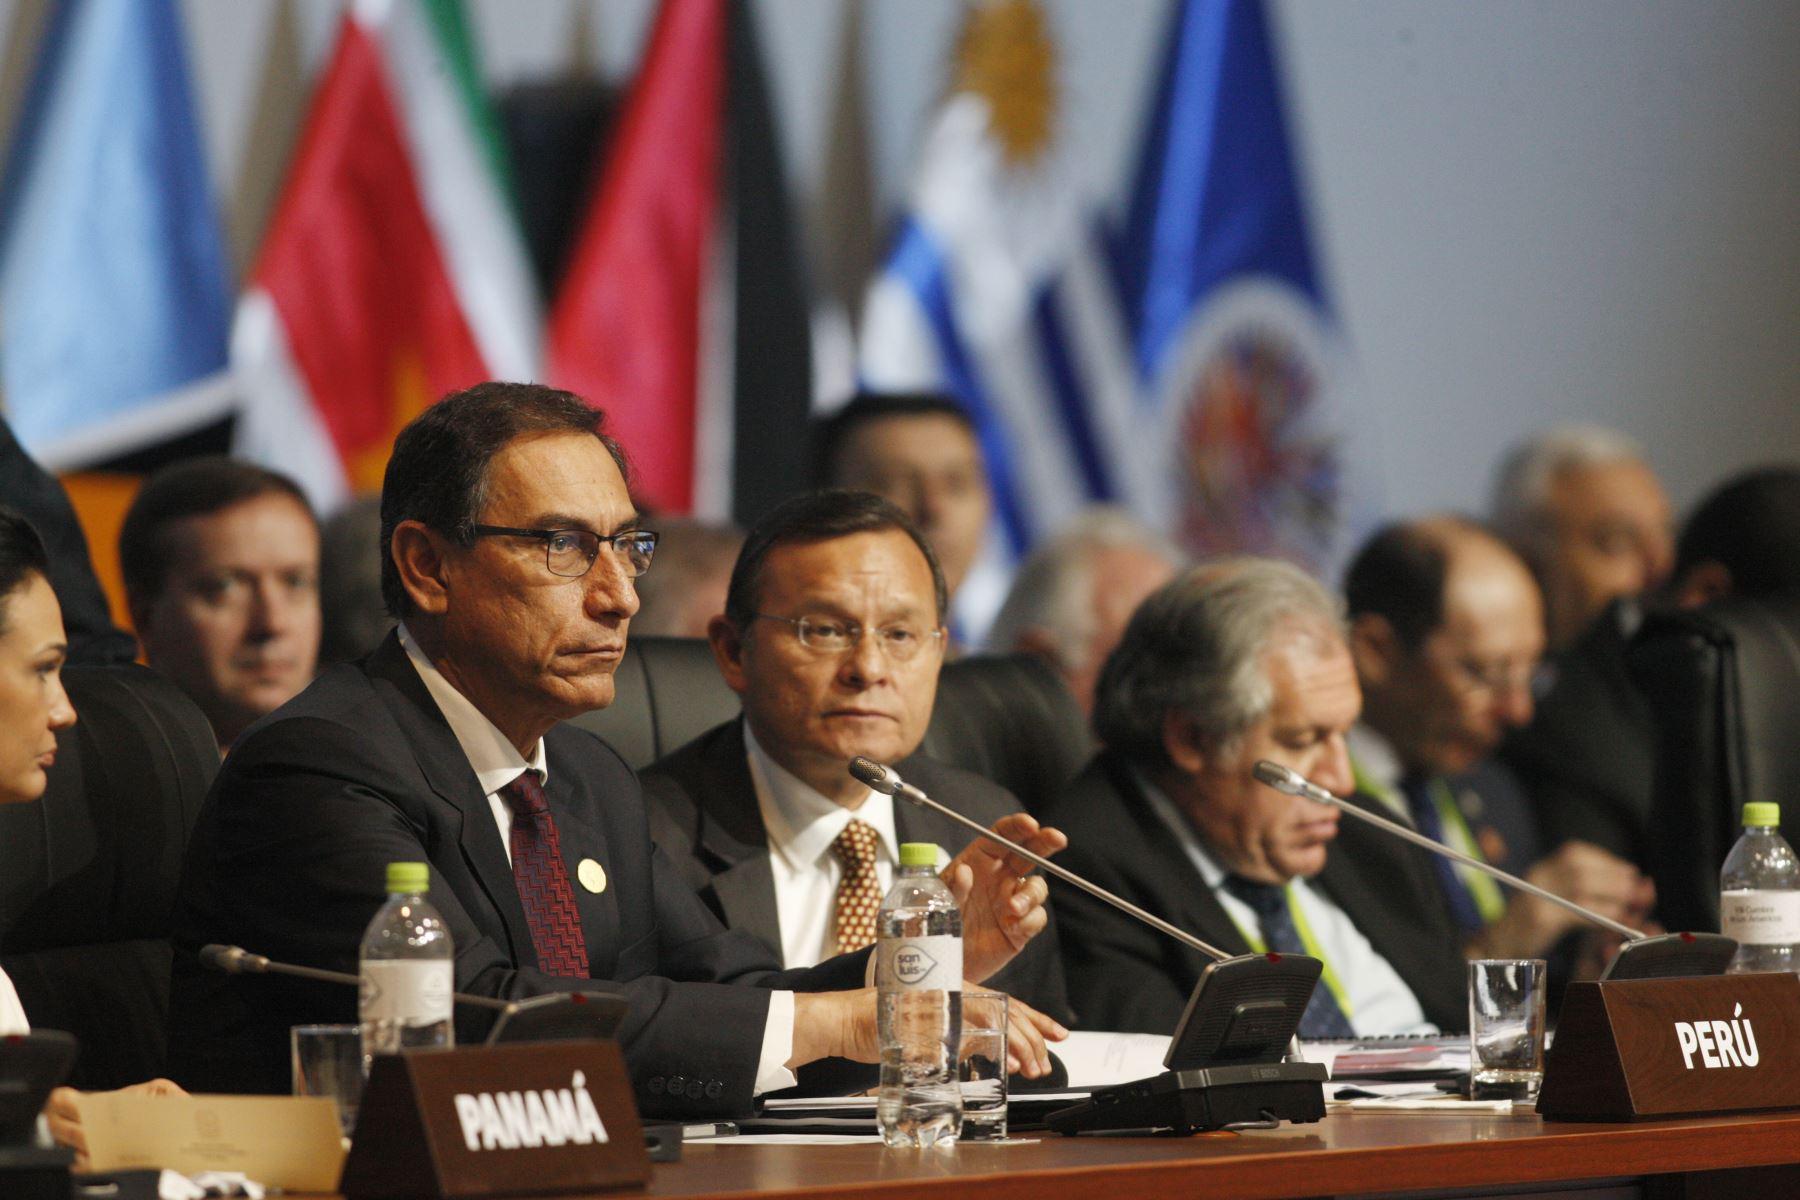 Presidente Martín Vizcarra durante la sesión plenaria de la VIII Cumbre de las Américas en Lima. Foto: ANDINA/Dante Zegarra